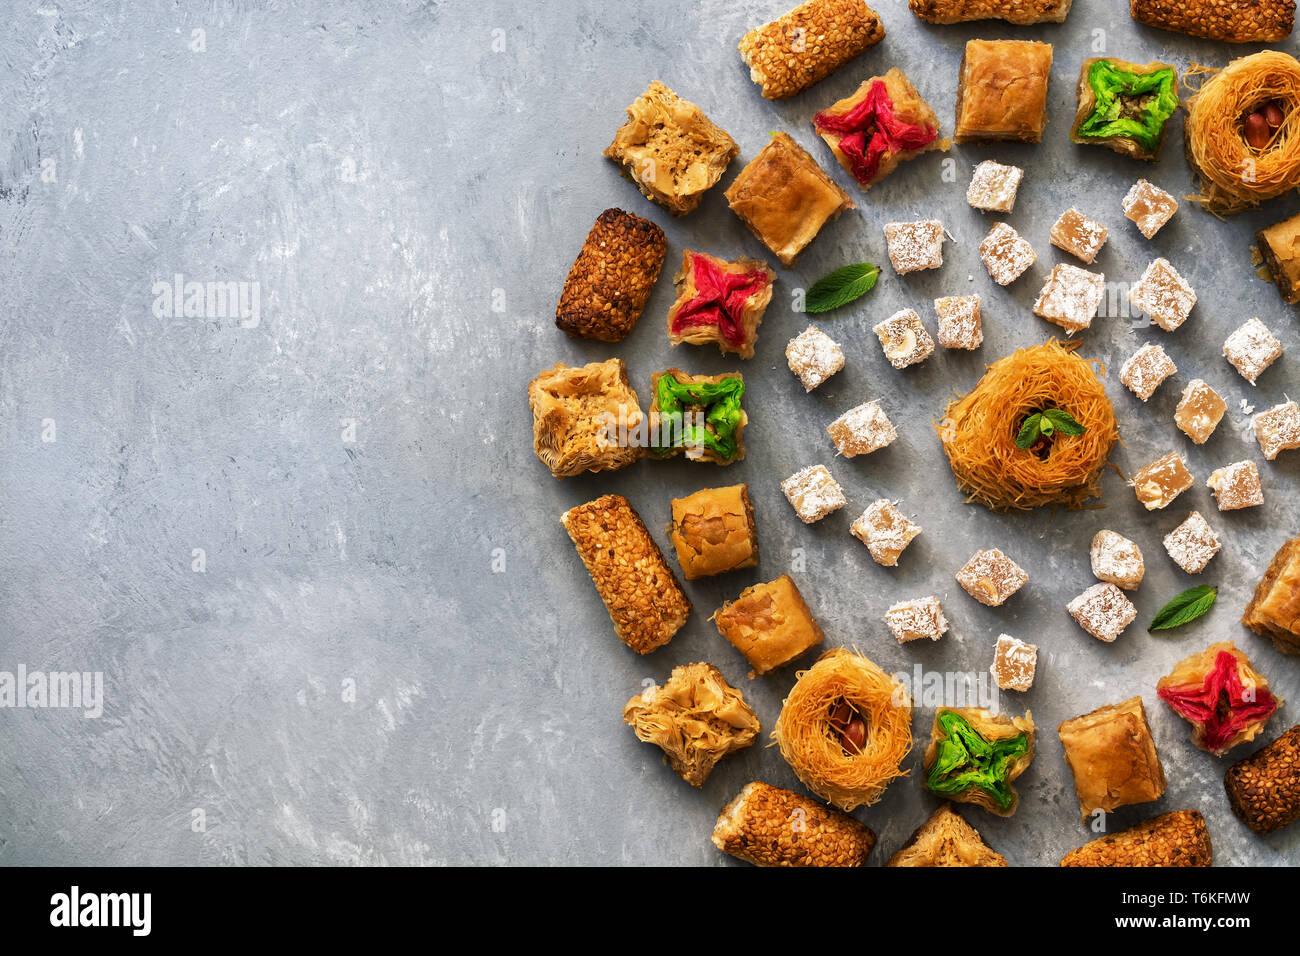 Baklava dessert turc traditionnel. Les sucreries de l'est sur un fond rustique gris. Vue d'en haut. Place pour votre texte Banque D'Images